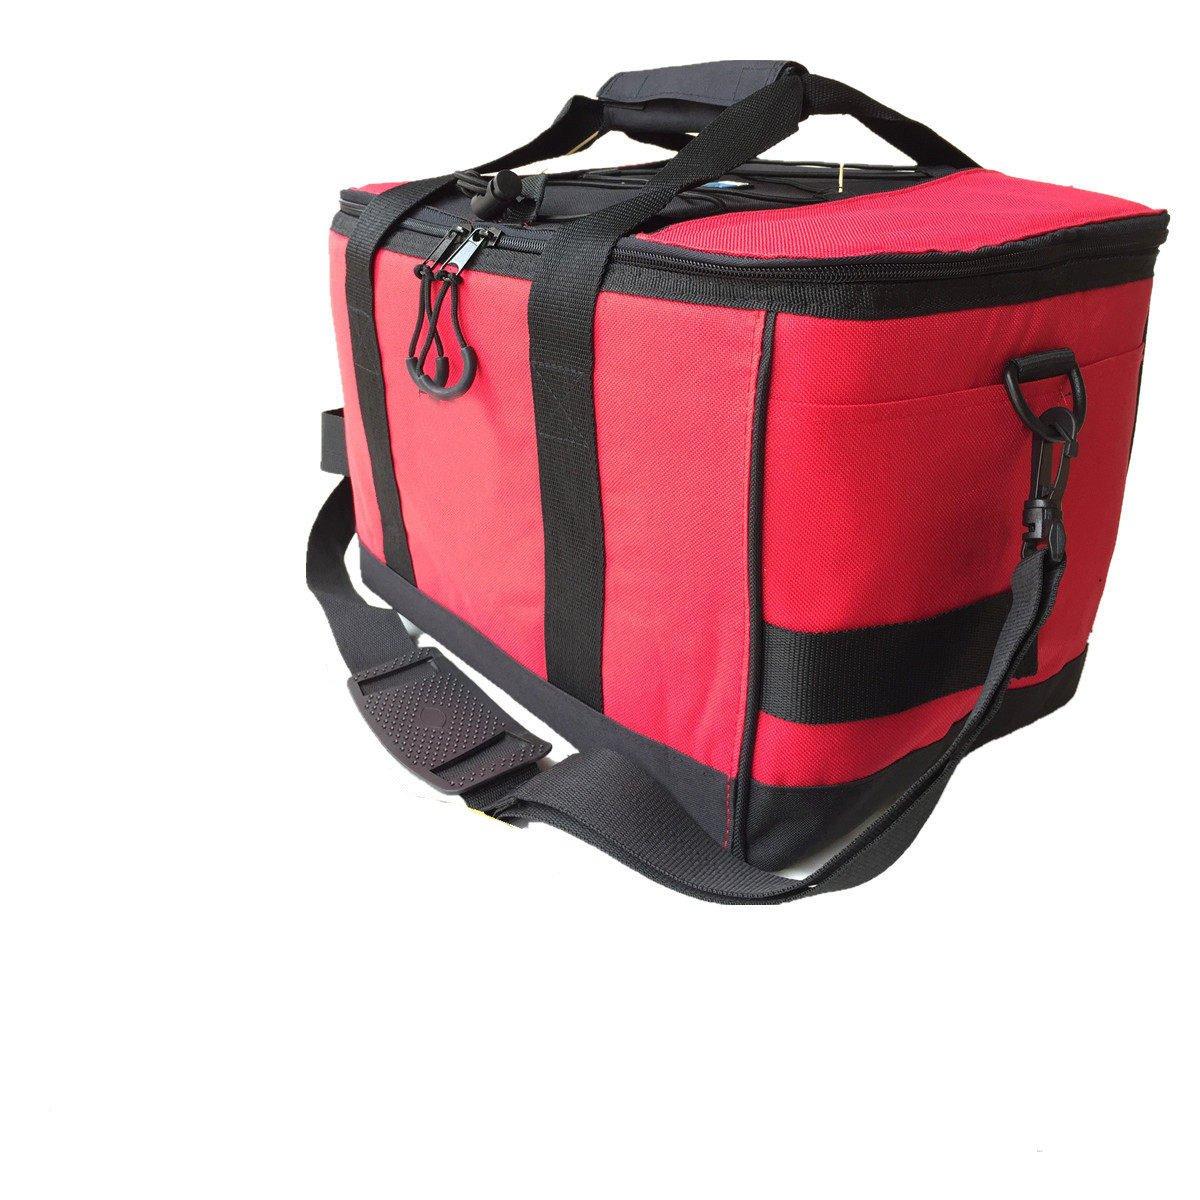 Massenpicknicktasche Kühltasche Eisbeutel Auto Lebensmittel-Box Umweltschutz Lunch-Boxen,C